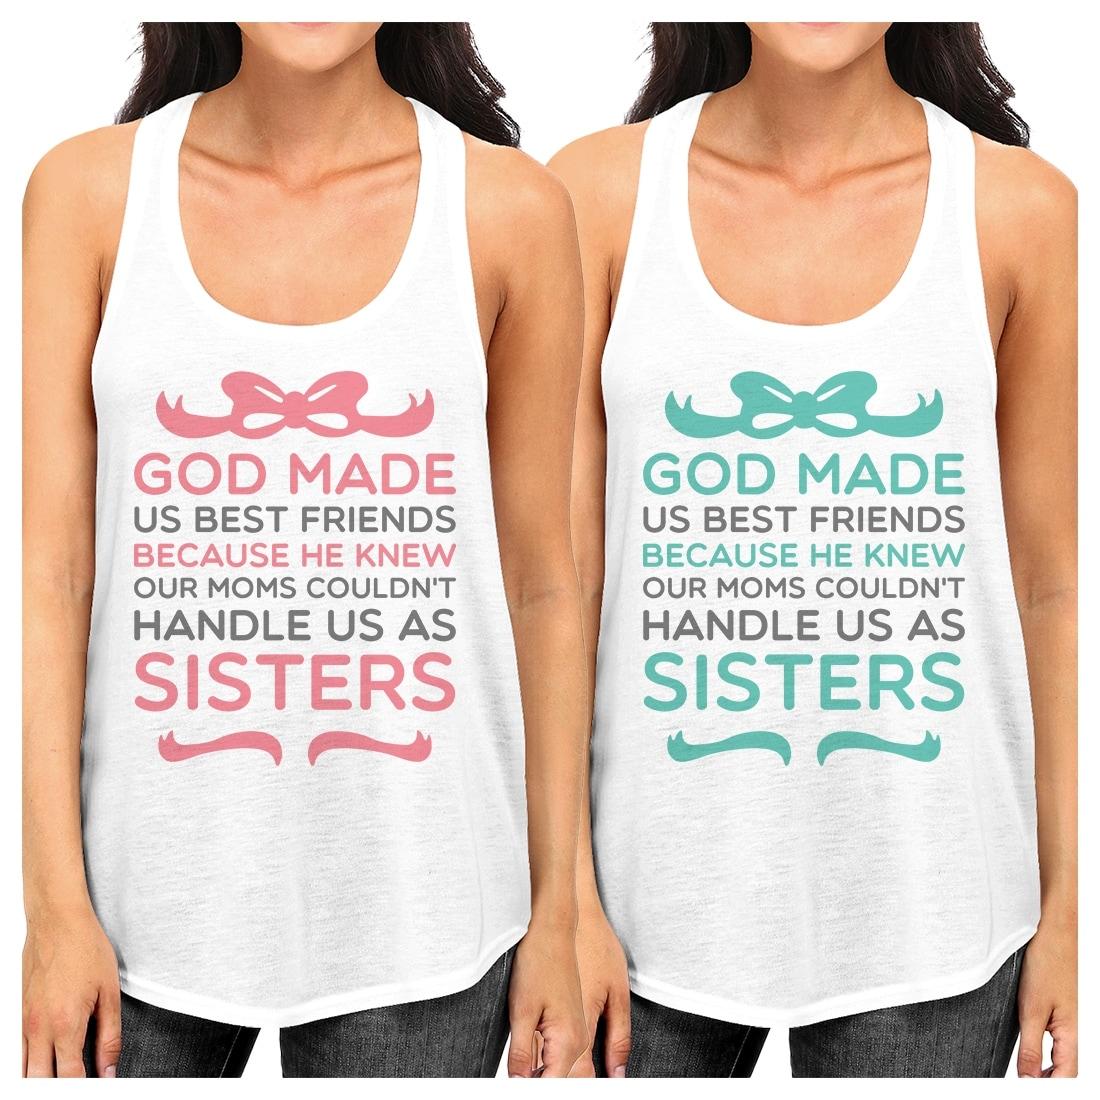 a1081ef83cbaa5 Best Sleeveless Workout Shirts